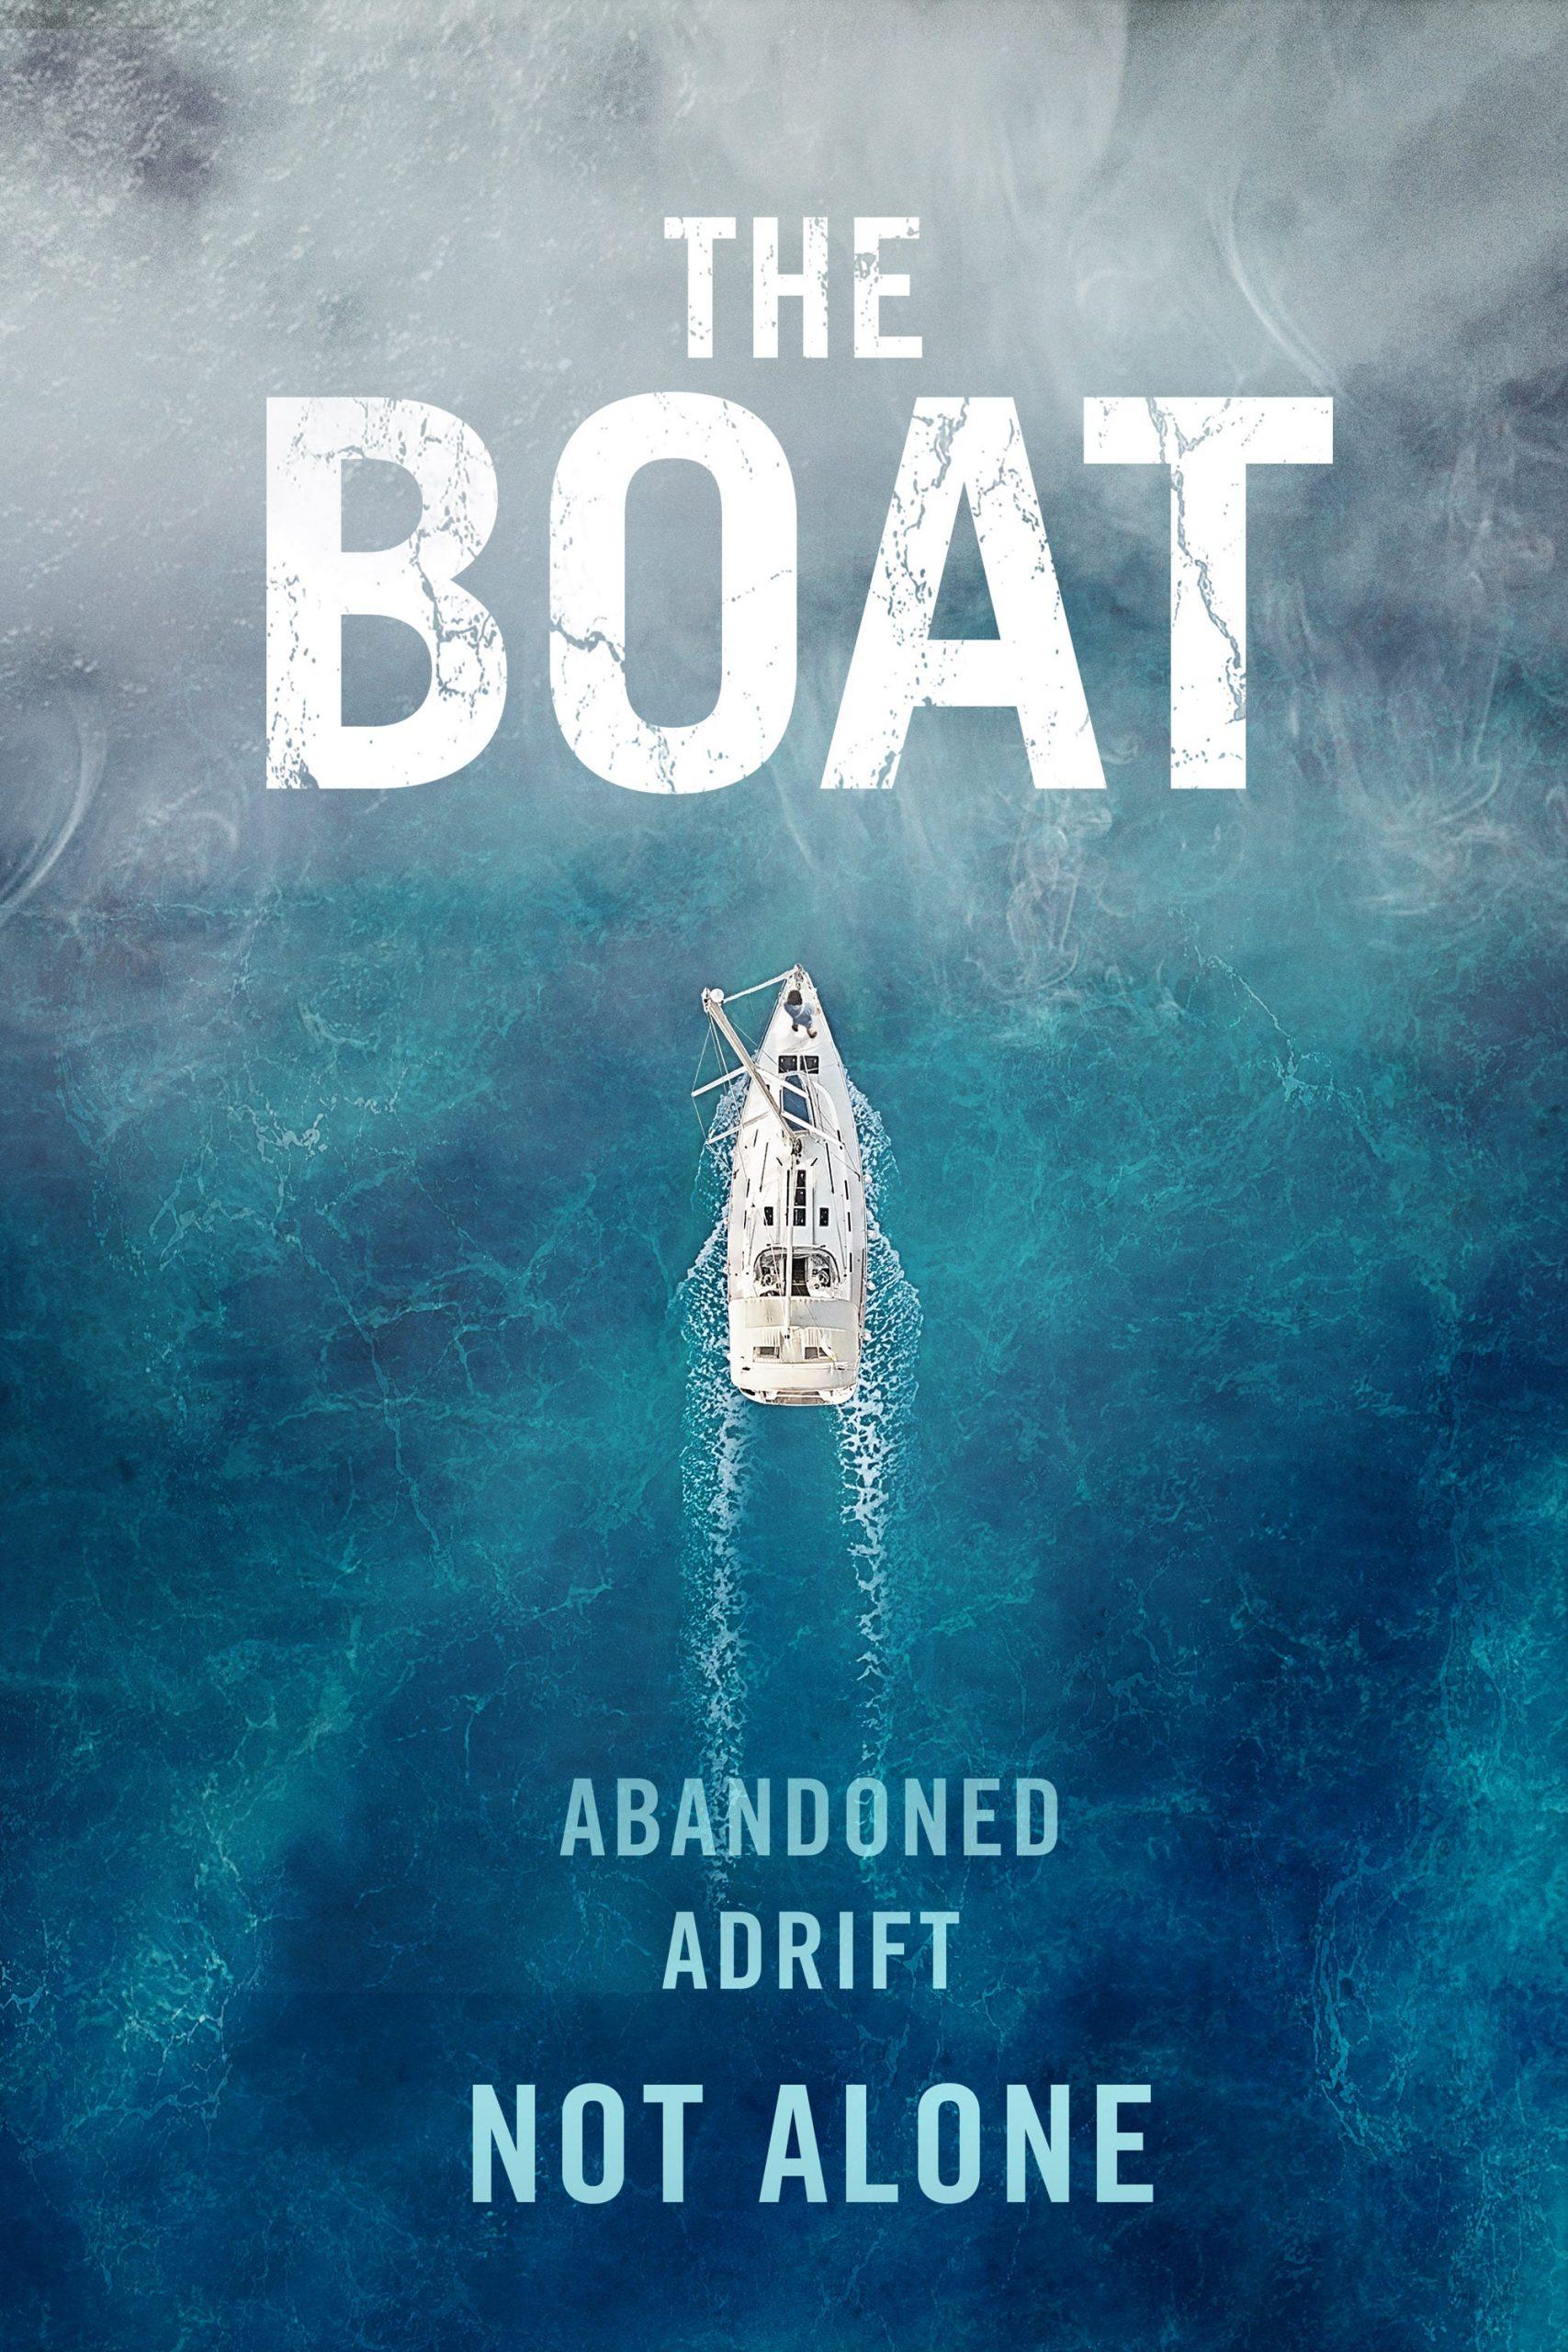 دانلود فیلم The Boat 2018